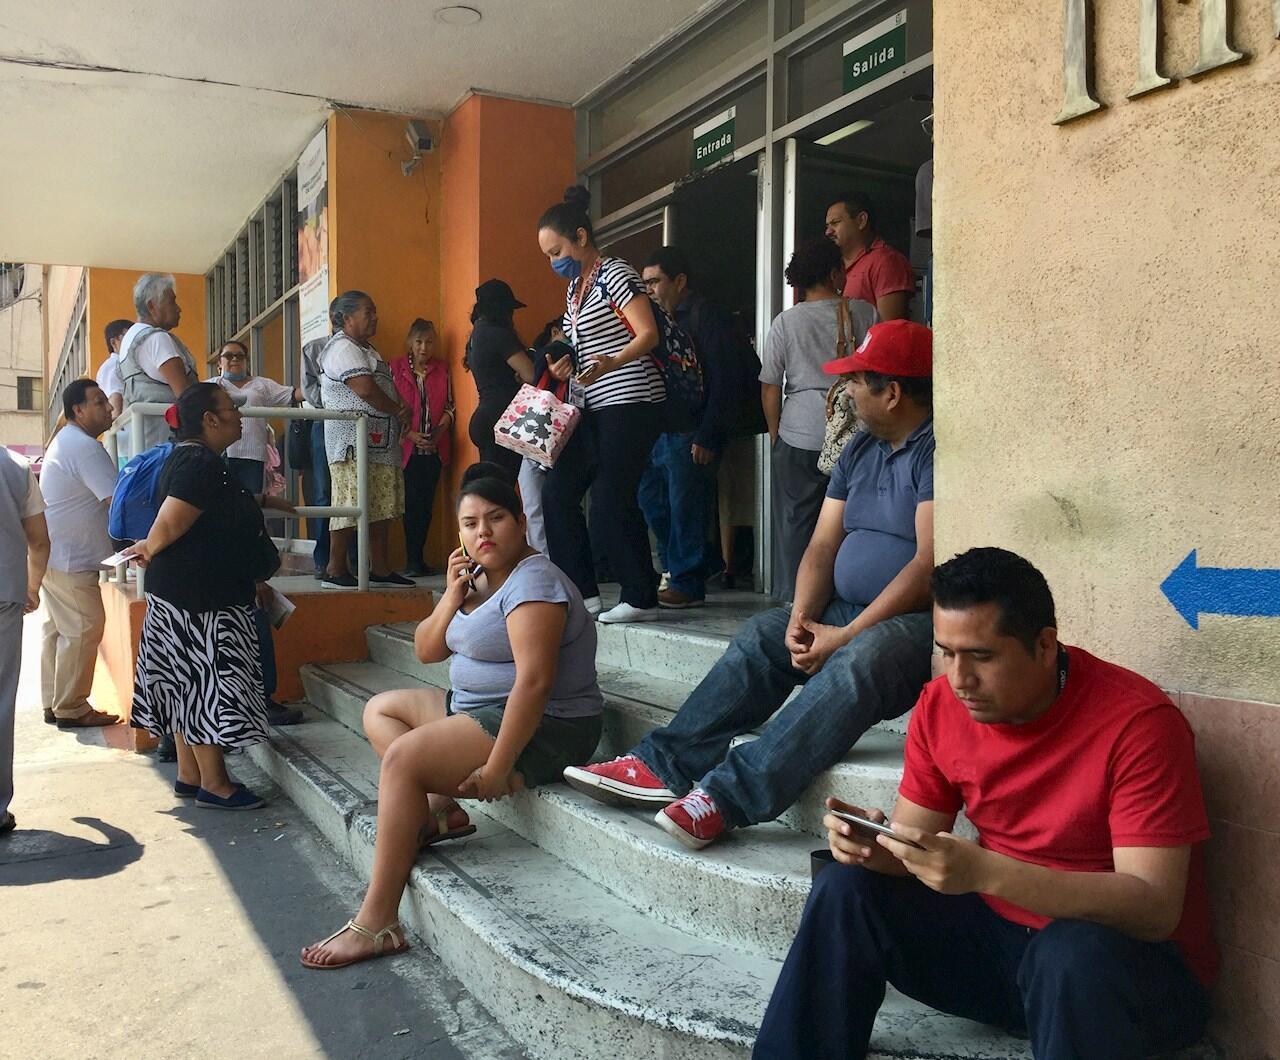 Pacientes esperan atención a las afueras de un hospital el 8 de abril, en Tlalnepantla, al norte de Ciudad de México (México).